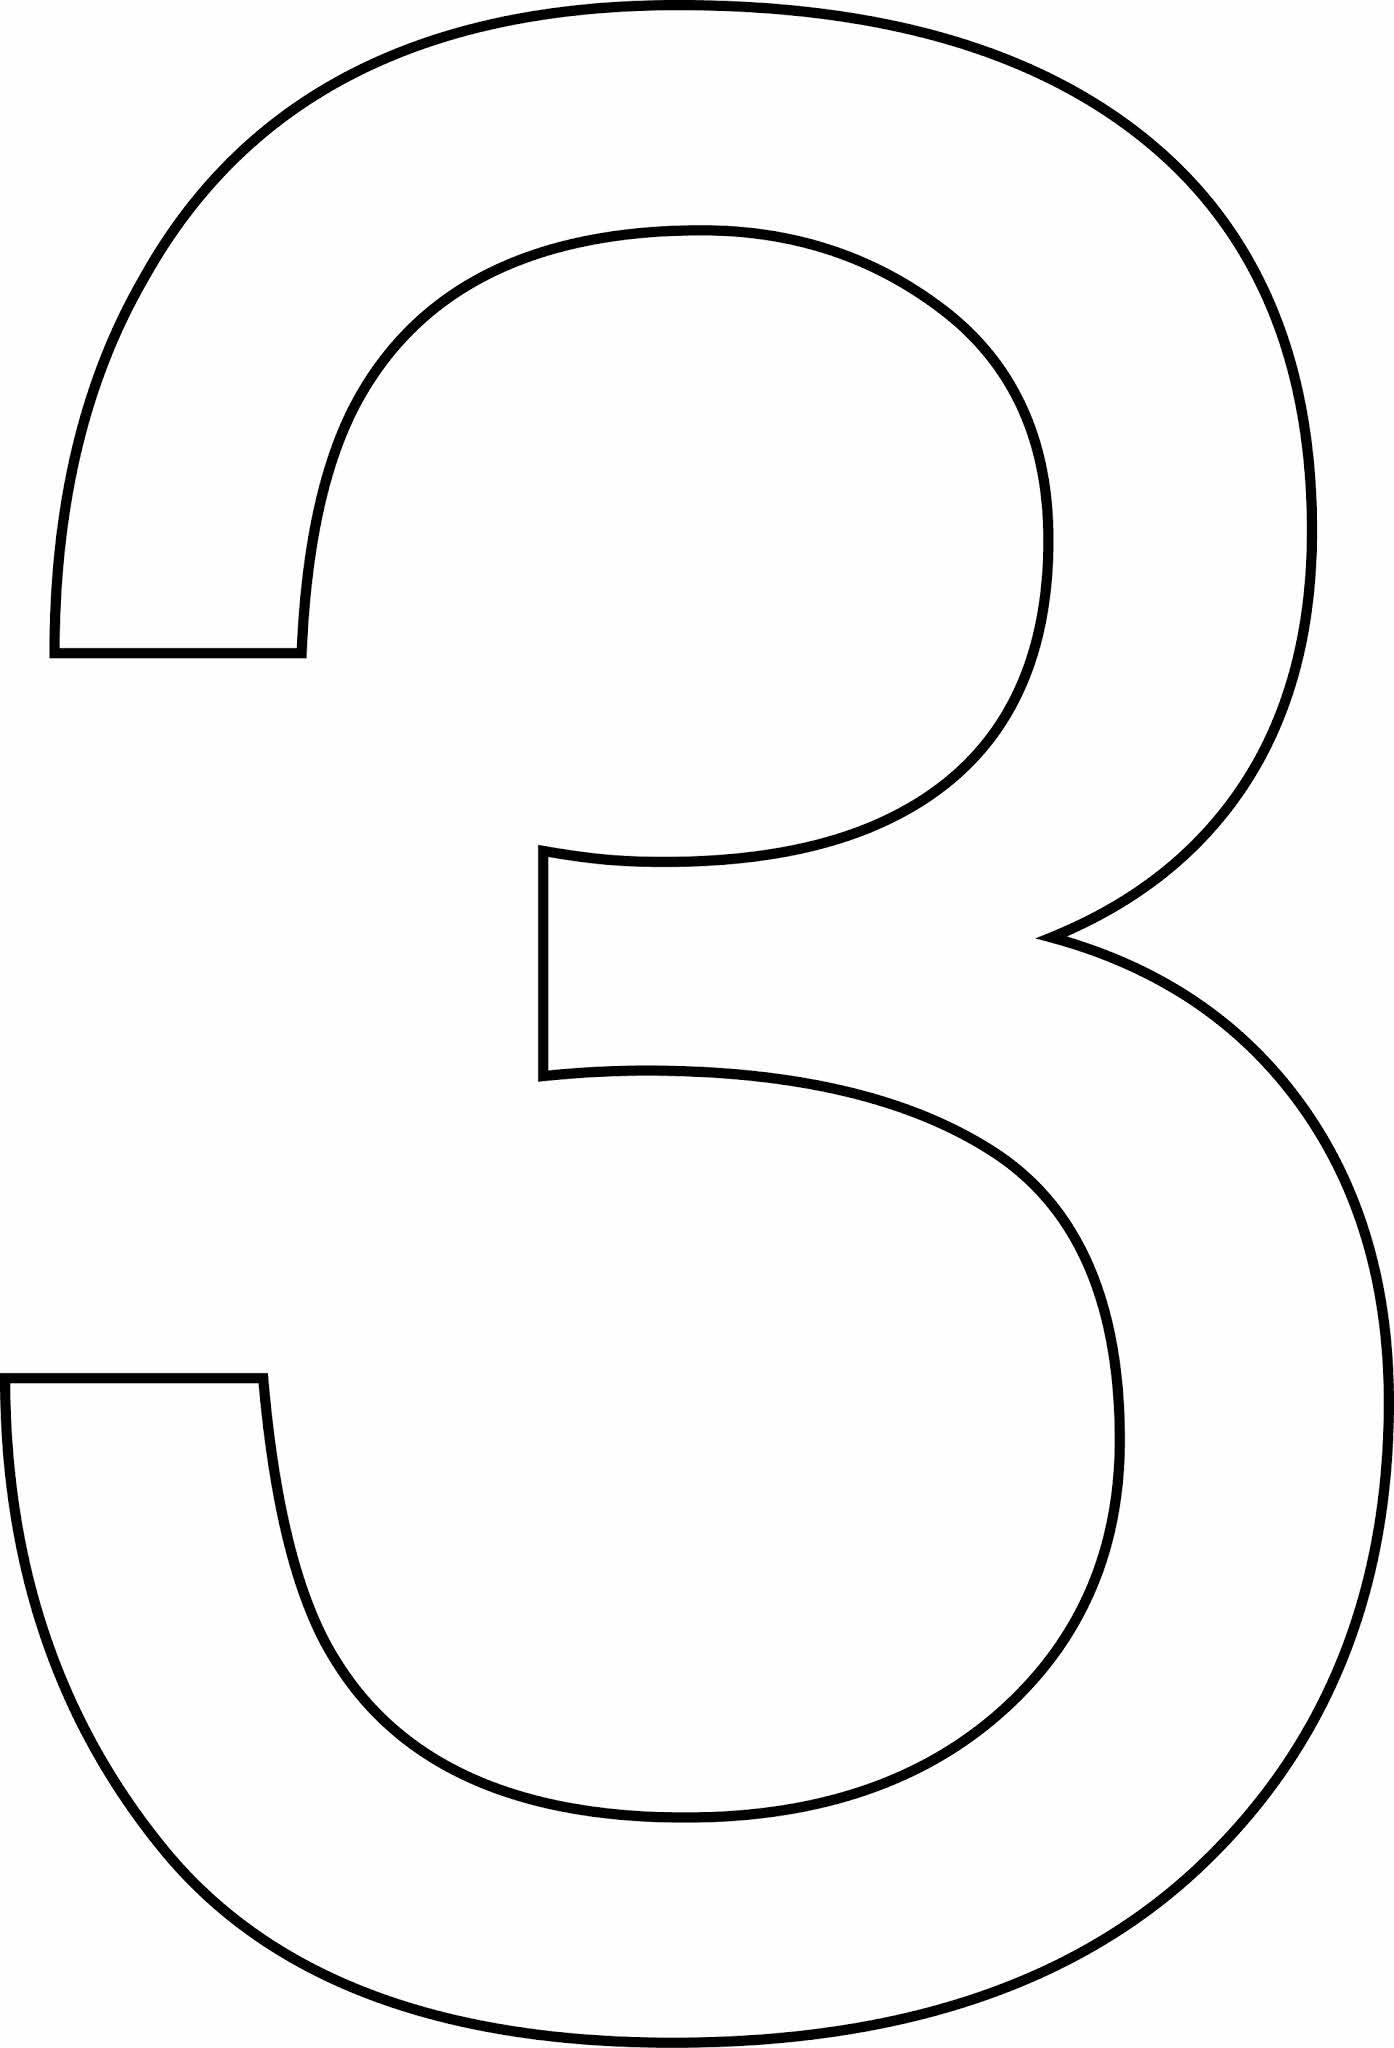 Número 3 (três) para imprimir